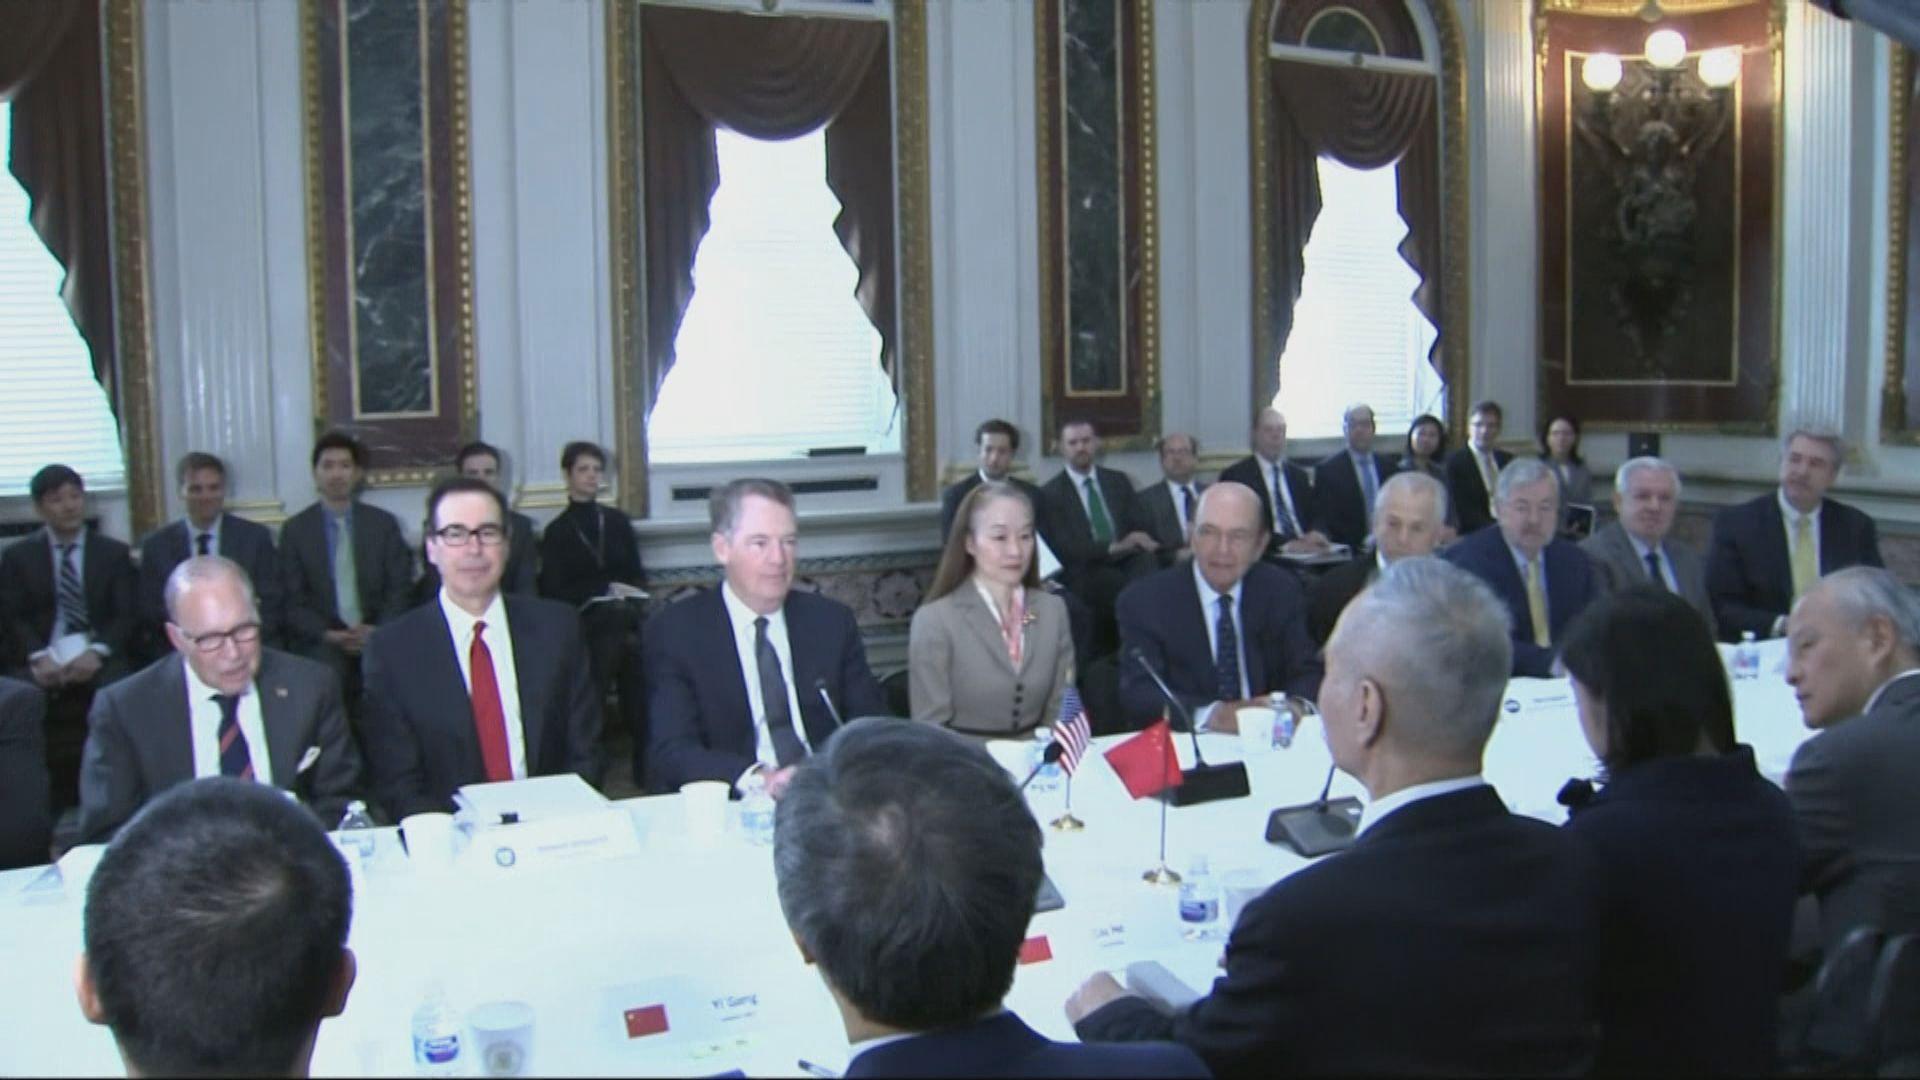 中美新一輪經貿磋商華盛頓舉行